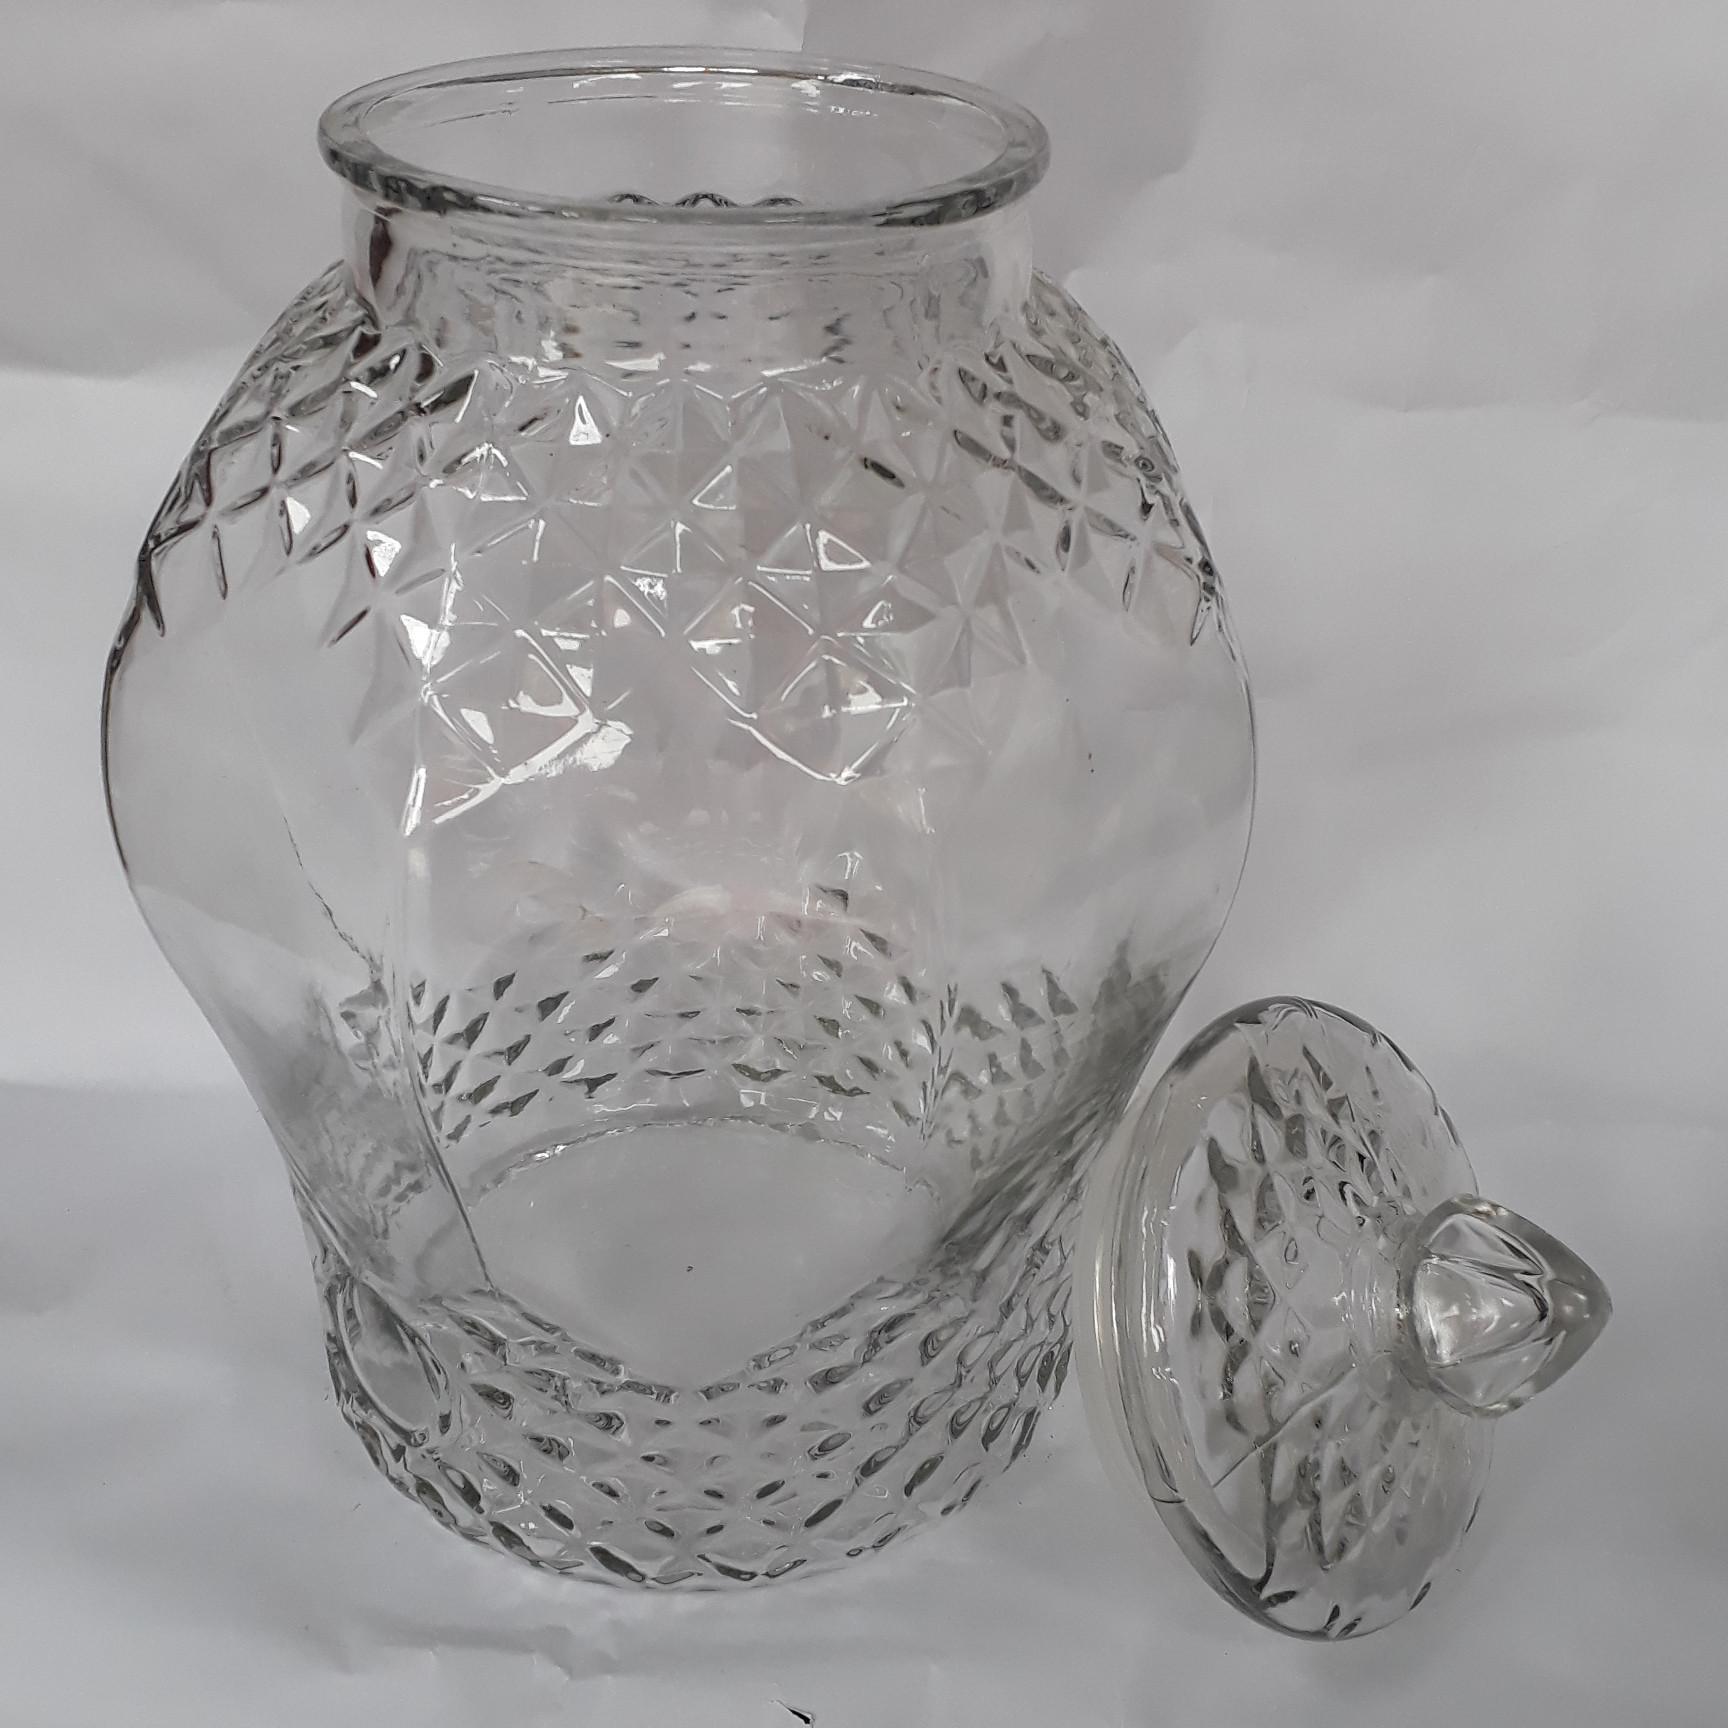 Bình ngâm rượu thủy tinh Kim cương -  không van -  25 lít - tặng  đế gỗ.